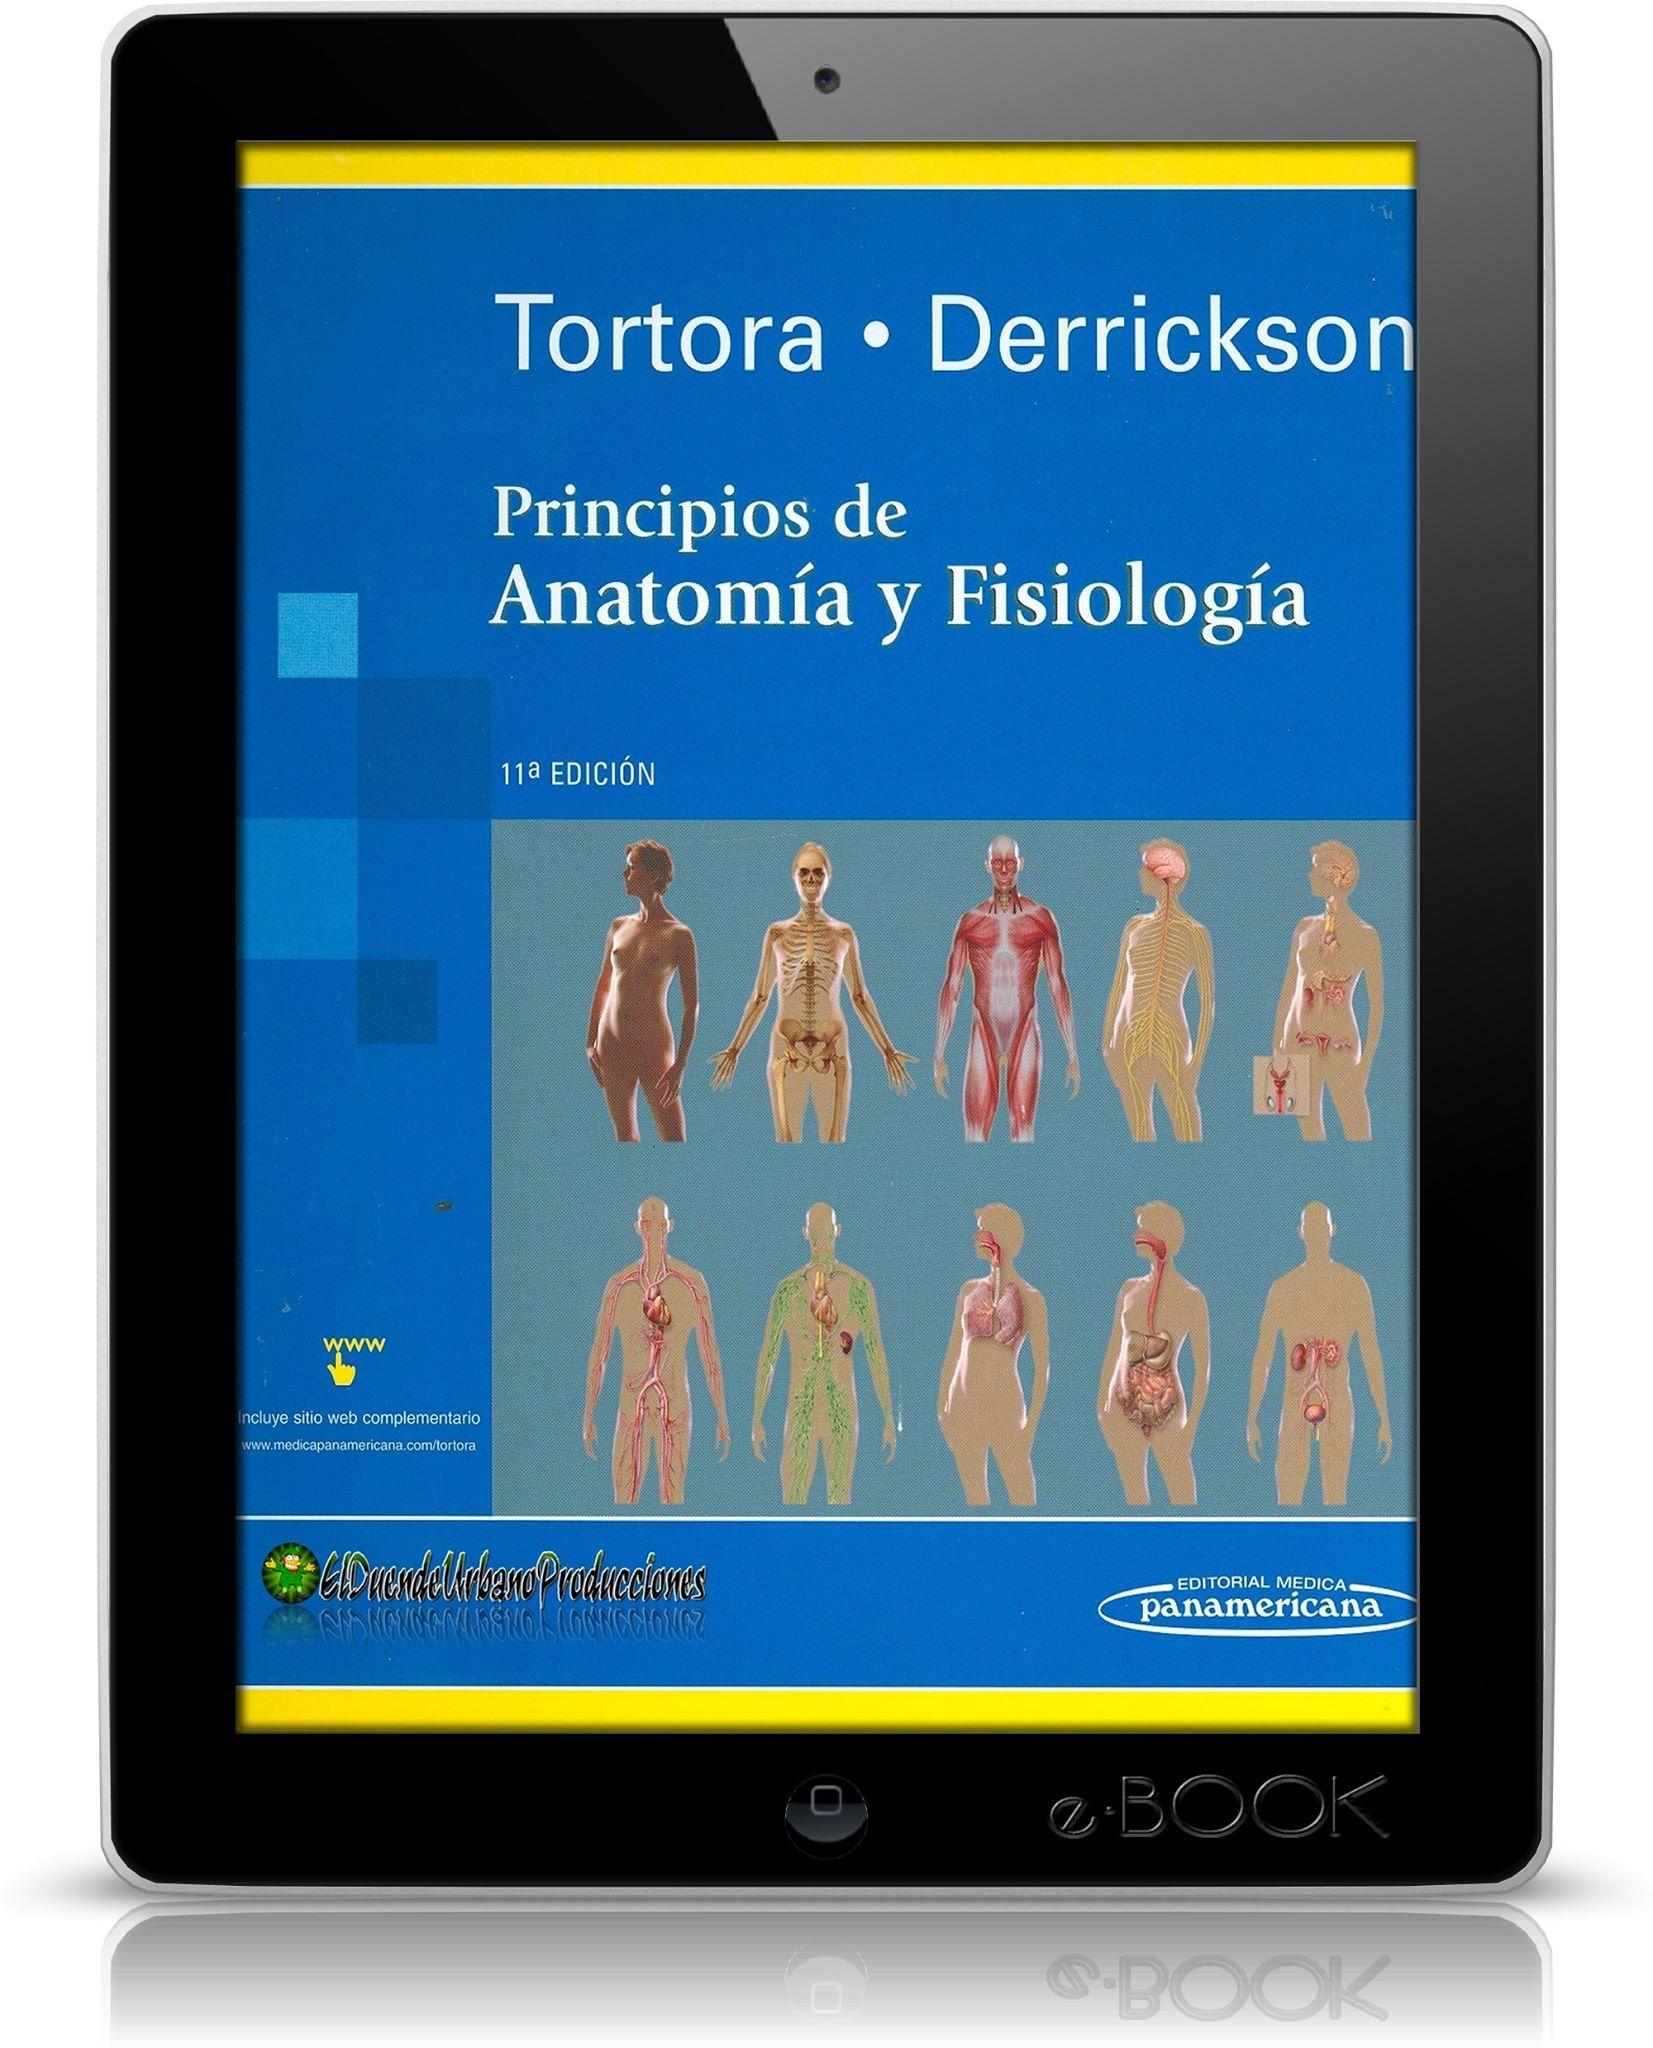 ANATOMIA Y FISIOLOGIA | TORTORA | DERRICKSON | LIBRO DIGITAL ...